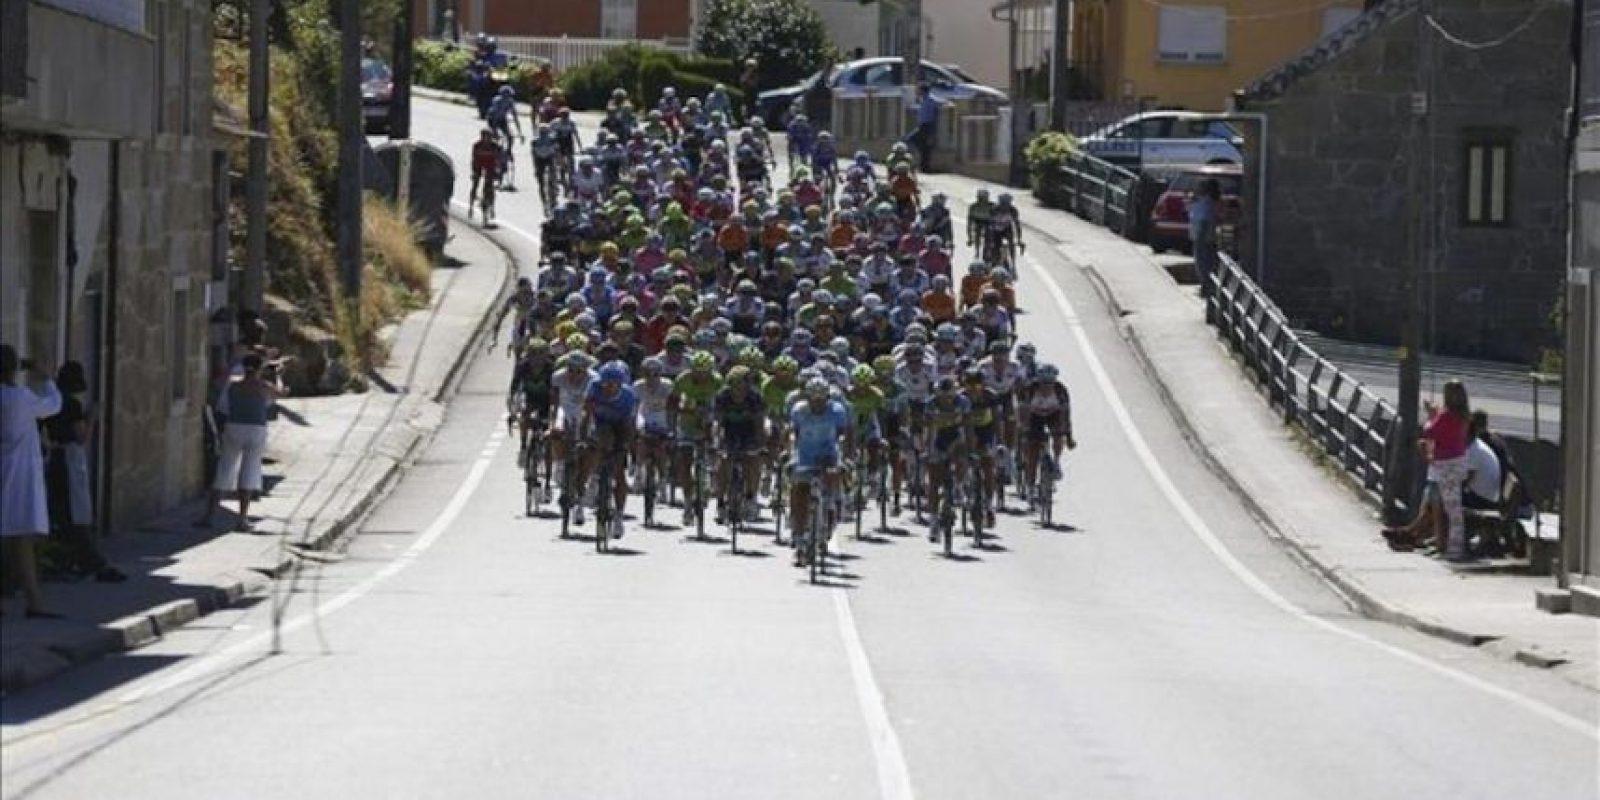 Vista general del pelotón al inicio de la tercera etapa de la Vuelta Ciclista a España, que ha comenzado en Vigo y que terminará en la localidad gallega de Vilagarcía de Aurosa, con un recorrido de 184,8 kms. EFE